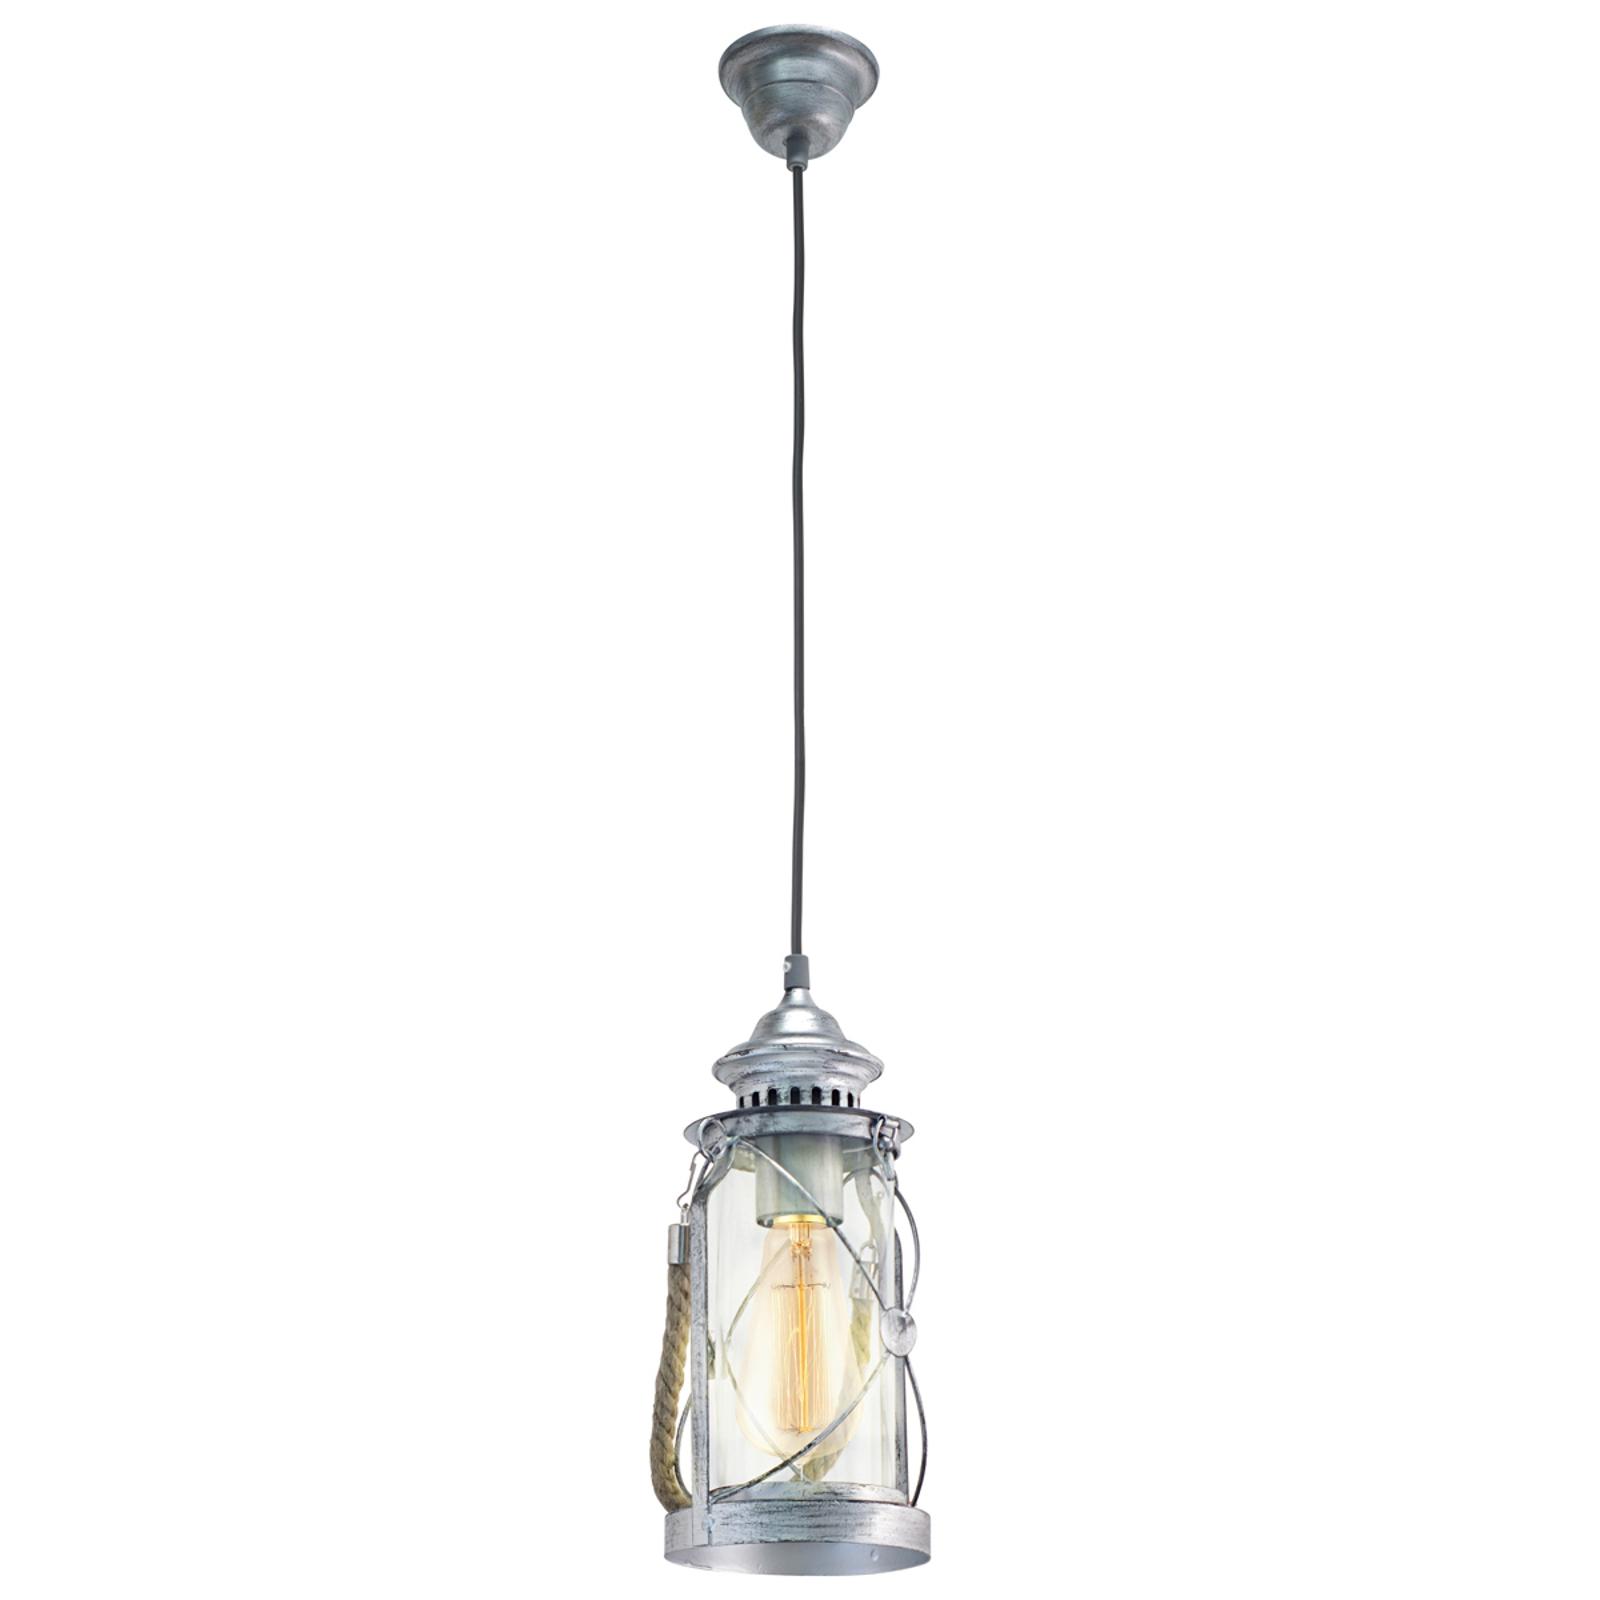 Antiek ontworpen hanglamp Fedor zilver